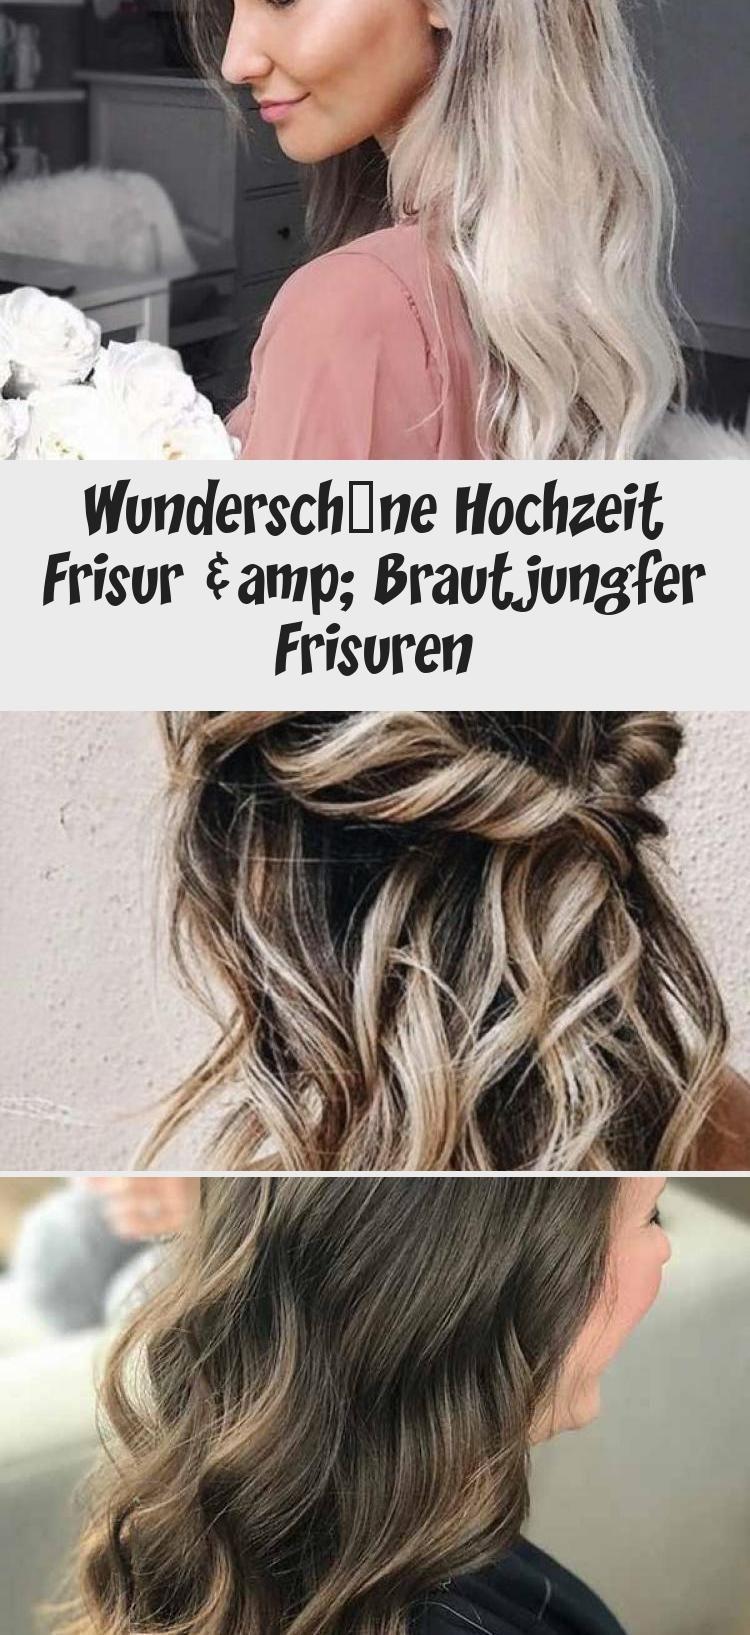 Wunderschone Hochzeit Frisur Brautjungfer Frisuren Long Hair Styles Bridesmaid Hair Styles